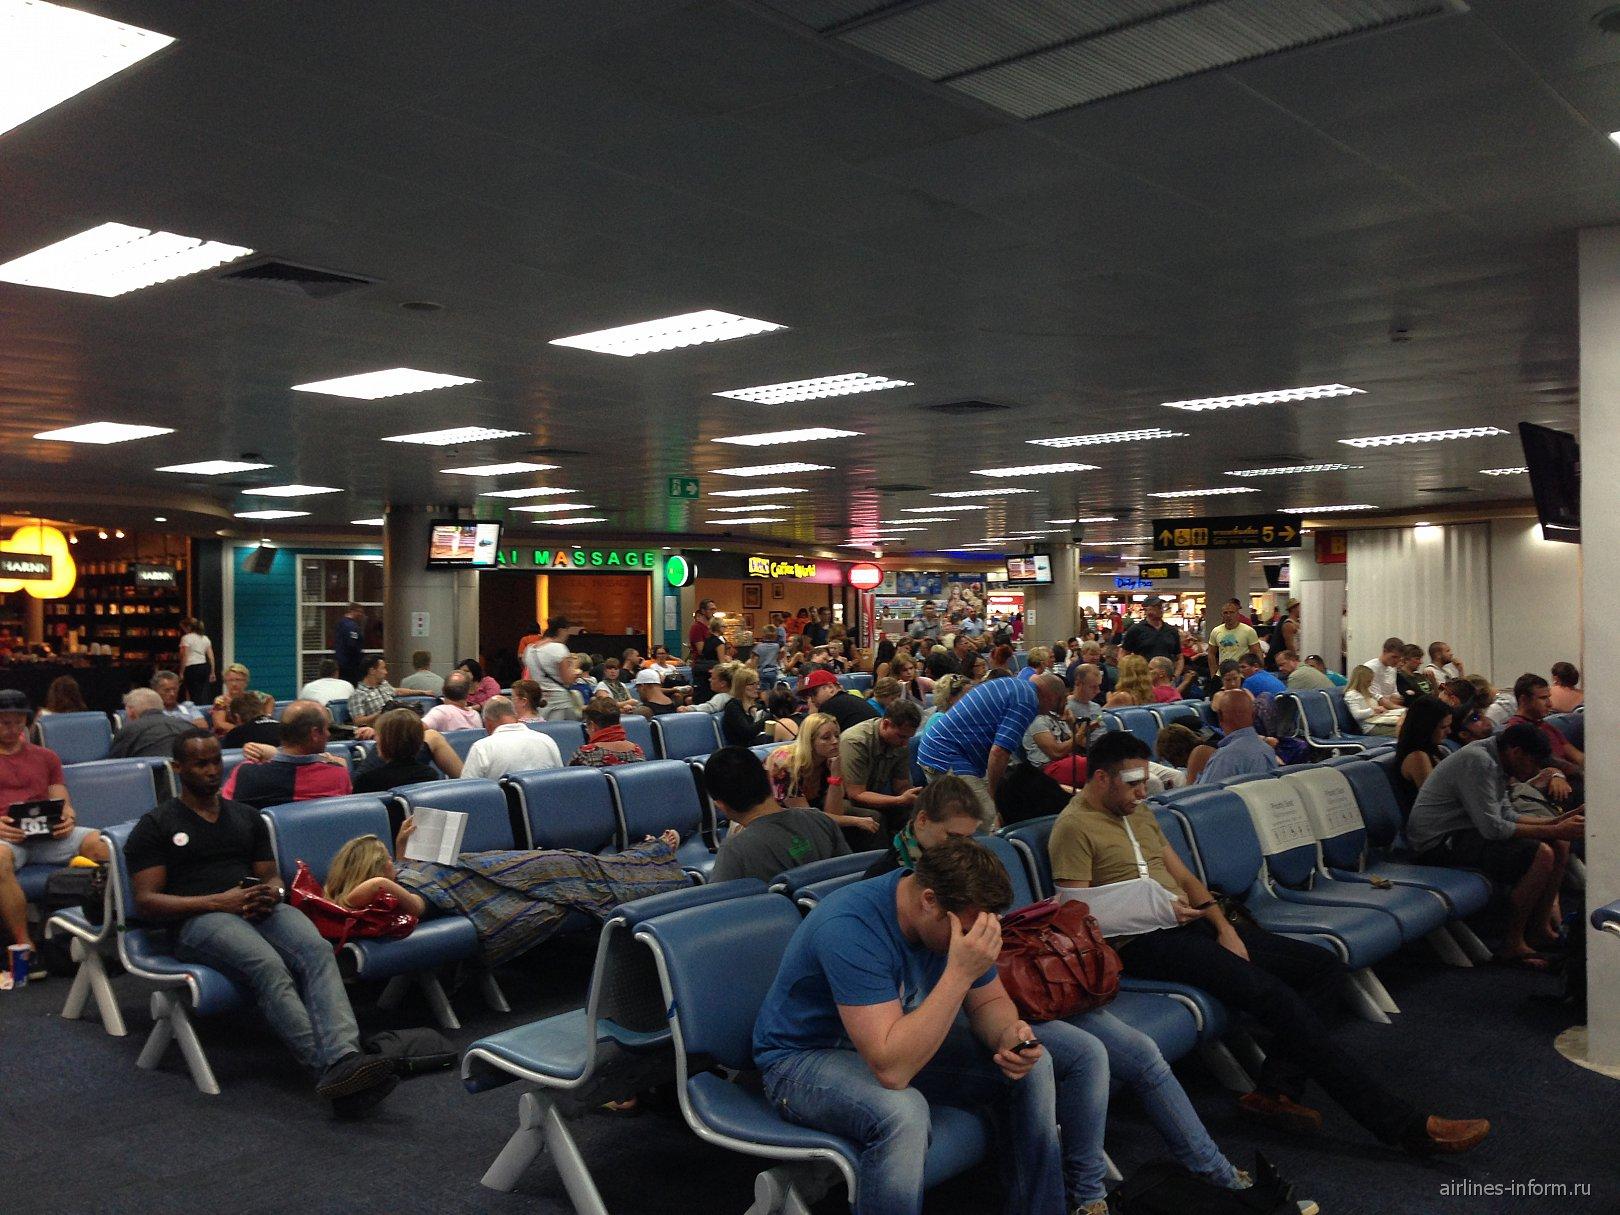 Зал ожидания в аэропорту Пхукет